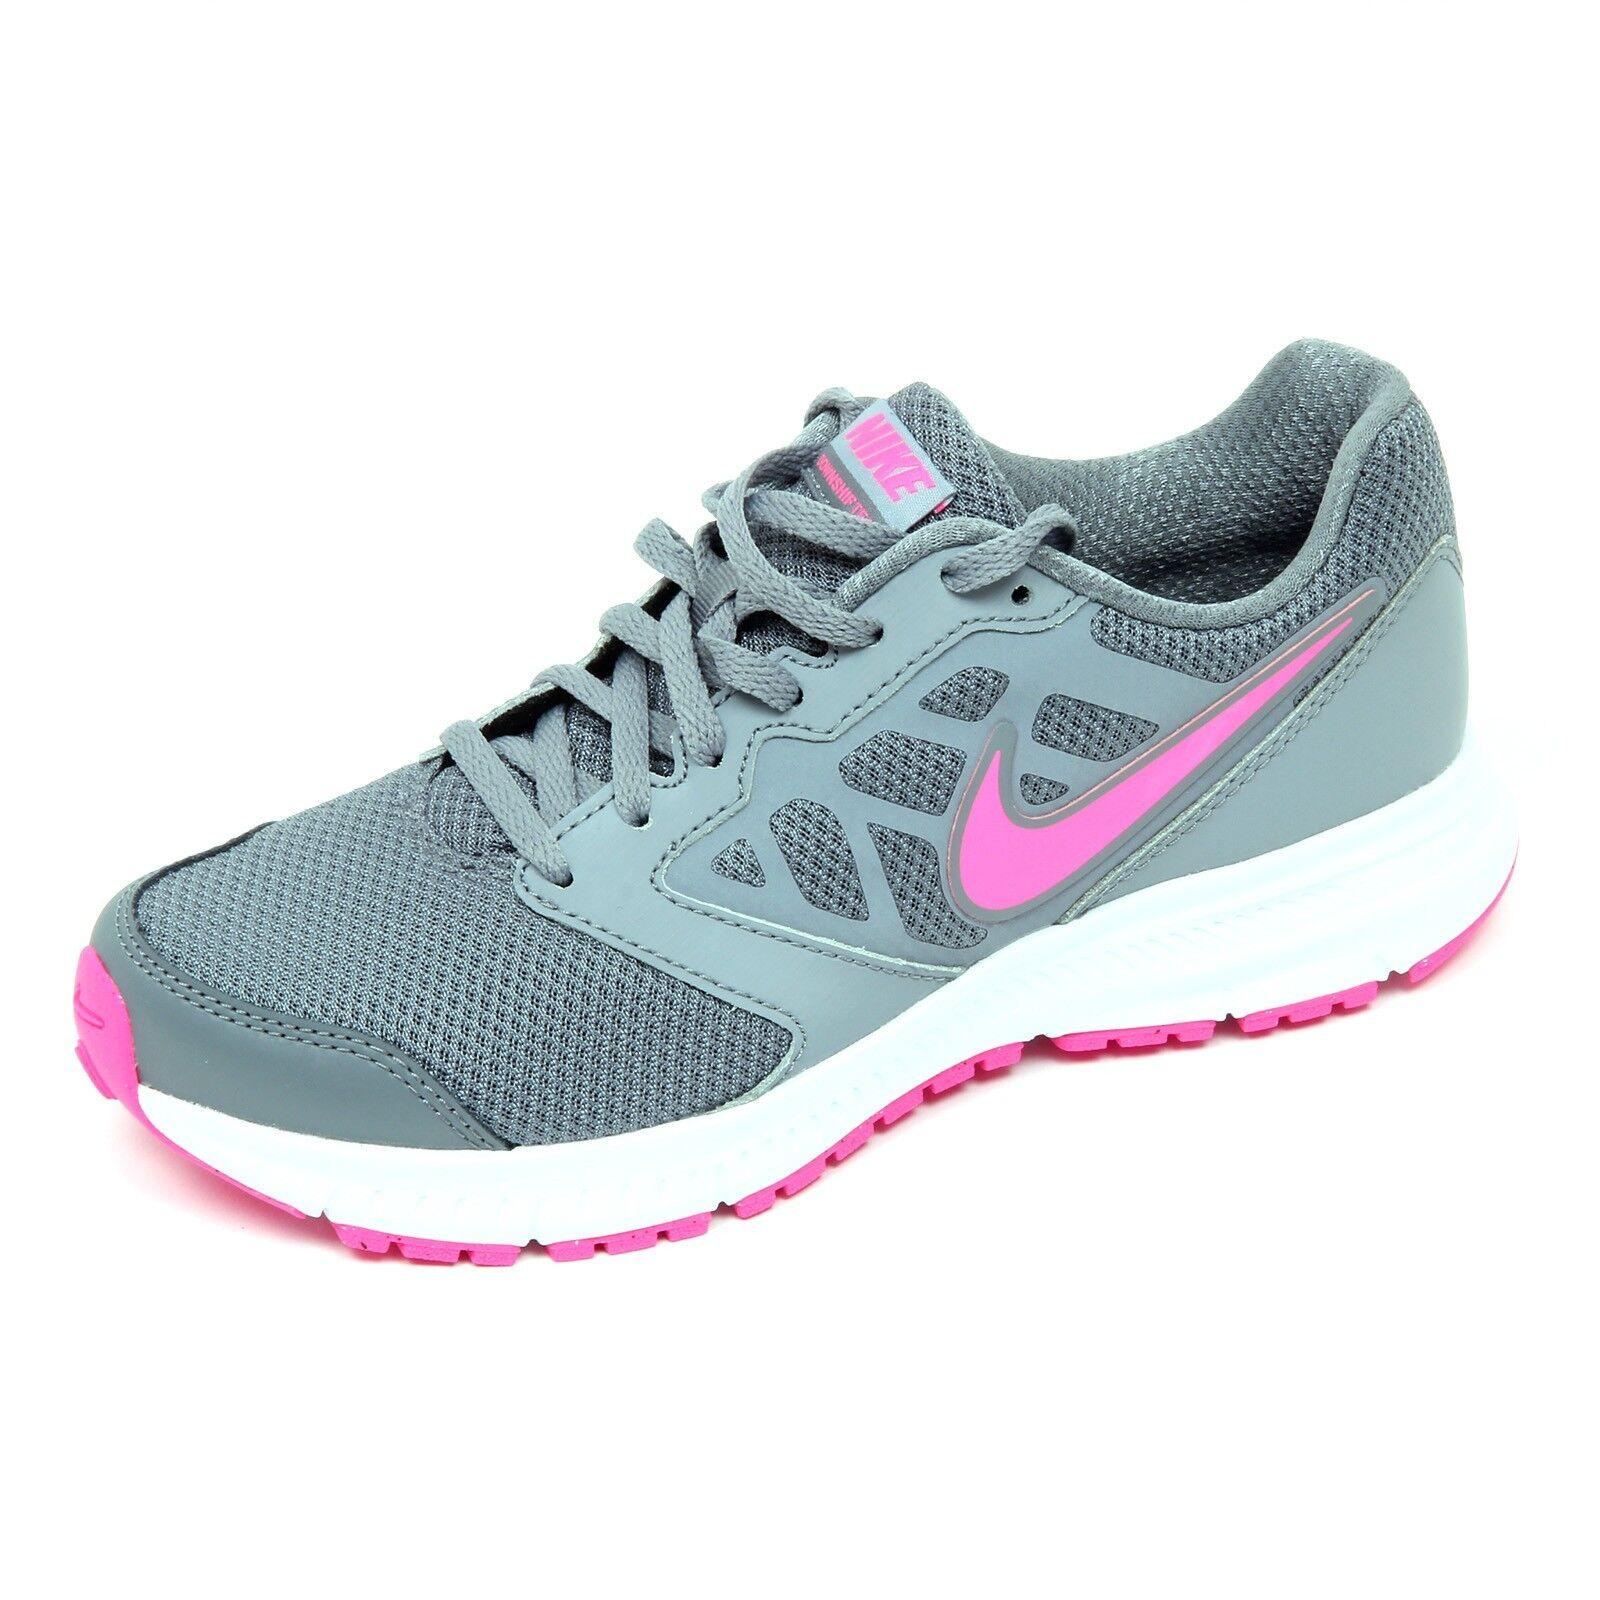 D1872 cortos mujer Nike Air downshifter downshifter downshifter 6 Scarpa gris zapatos Woman  sorteos de estadio